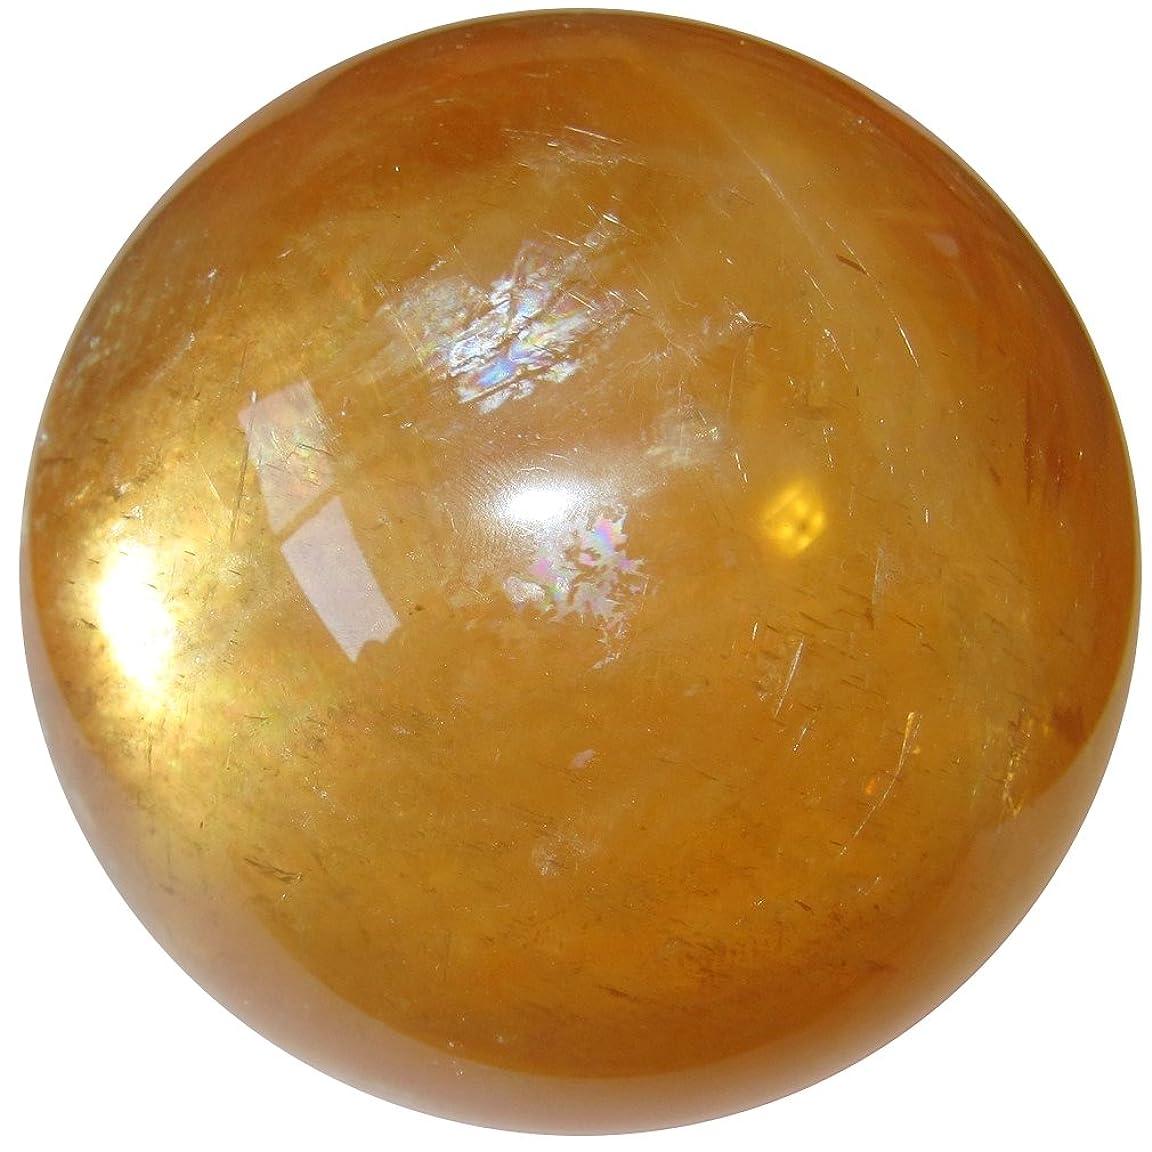 宇宙飛行士安定支配するCalciteオレンジボール3.4?